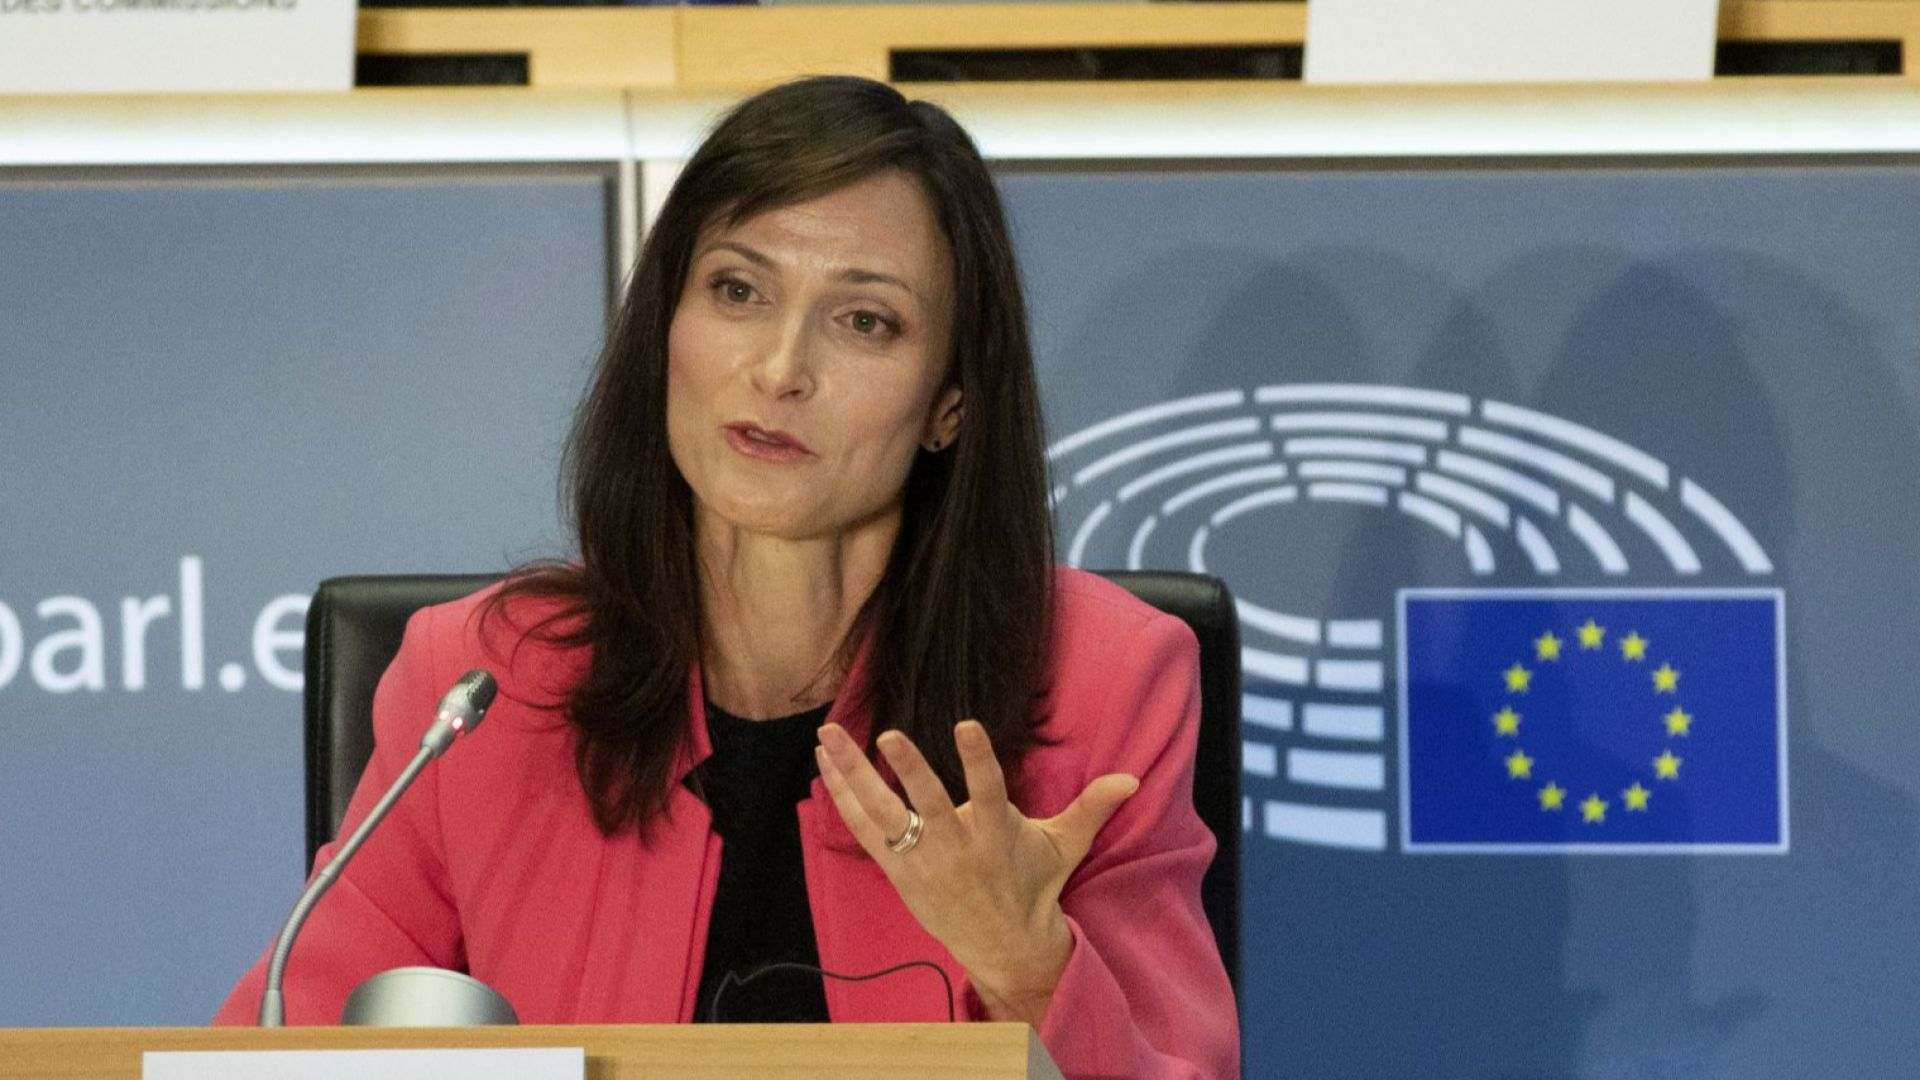 Българският кандидат за еврокомисар Мария Габриел се представи отлично изслушването,